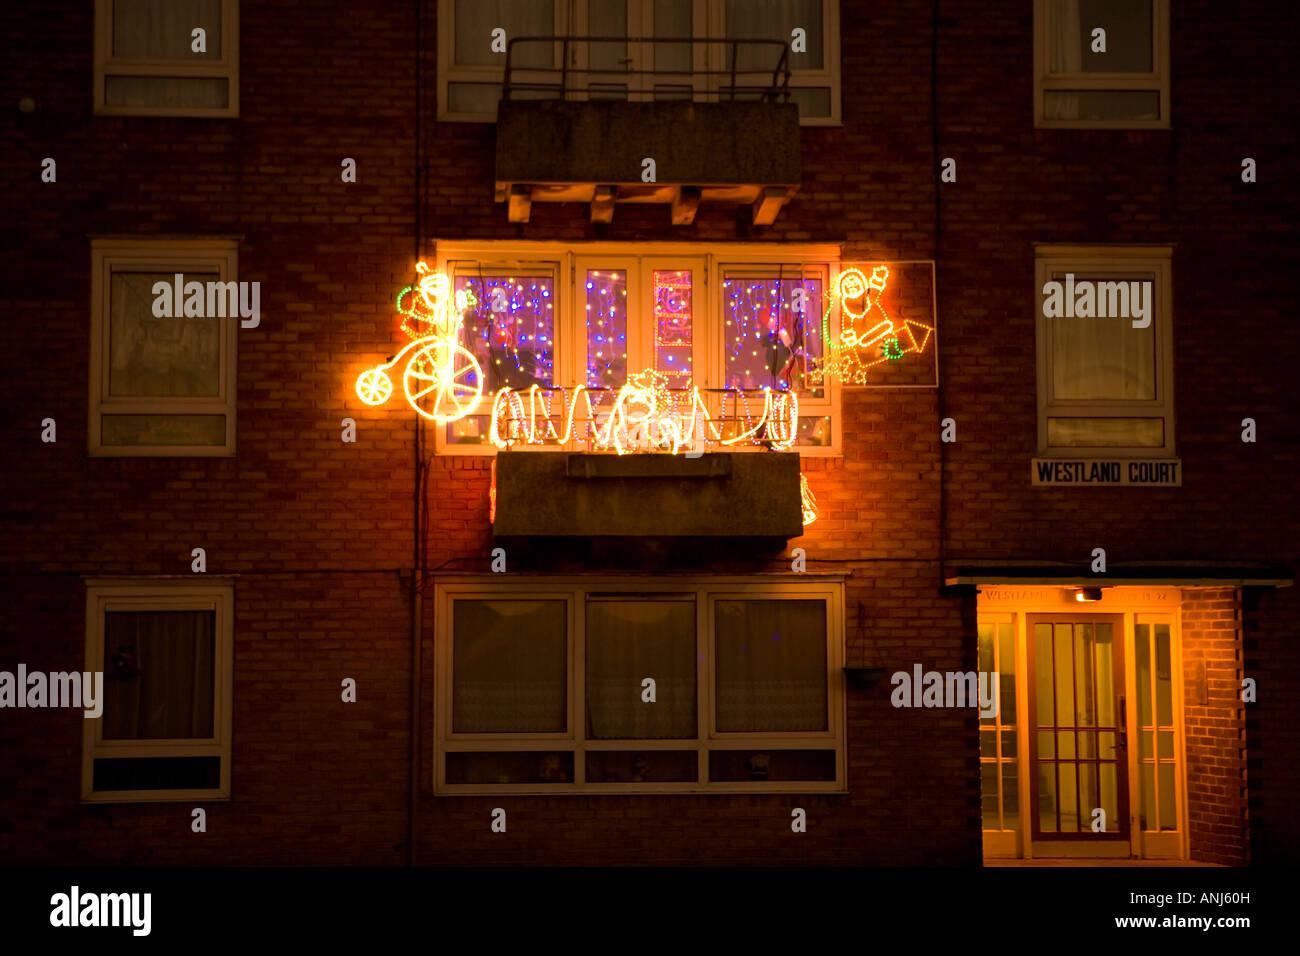 Weihnachtsbeleuchtung Für Balkongeländer.Weihnachtsbeleuchtung In Der Nacht Einen Balkon In Einem Wohnblock